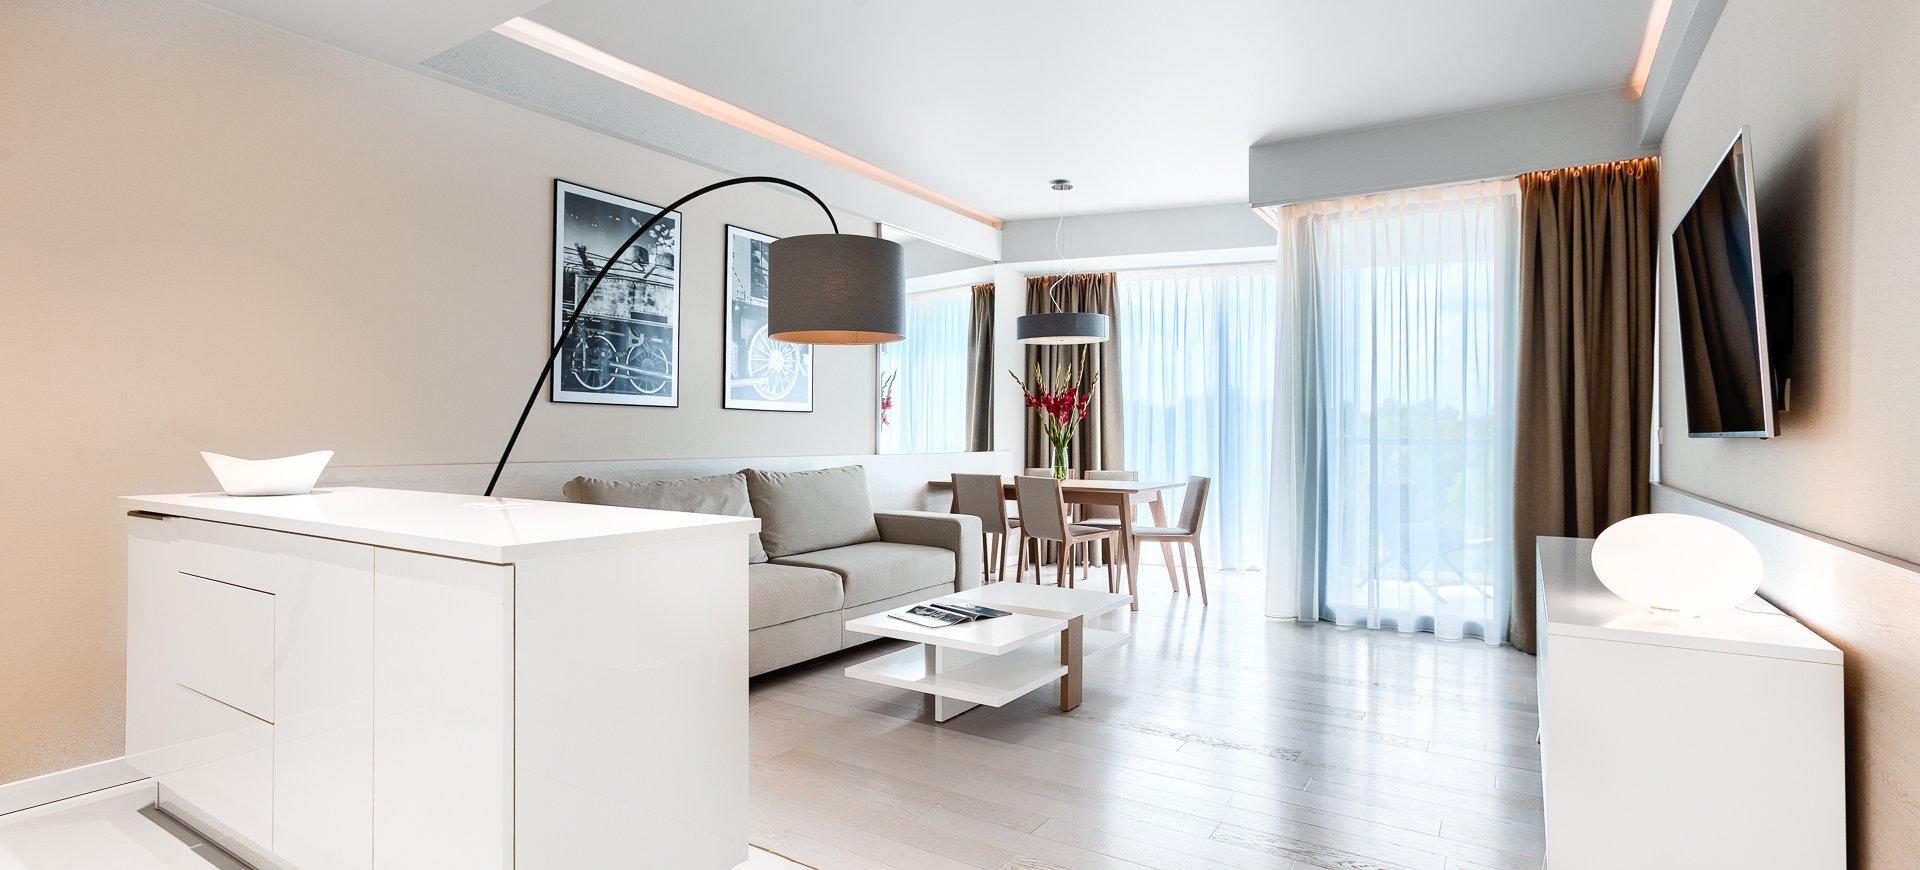 Apartament Deluxe z 1 sypialnią 4.05 B z widokiem na morze